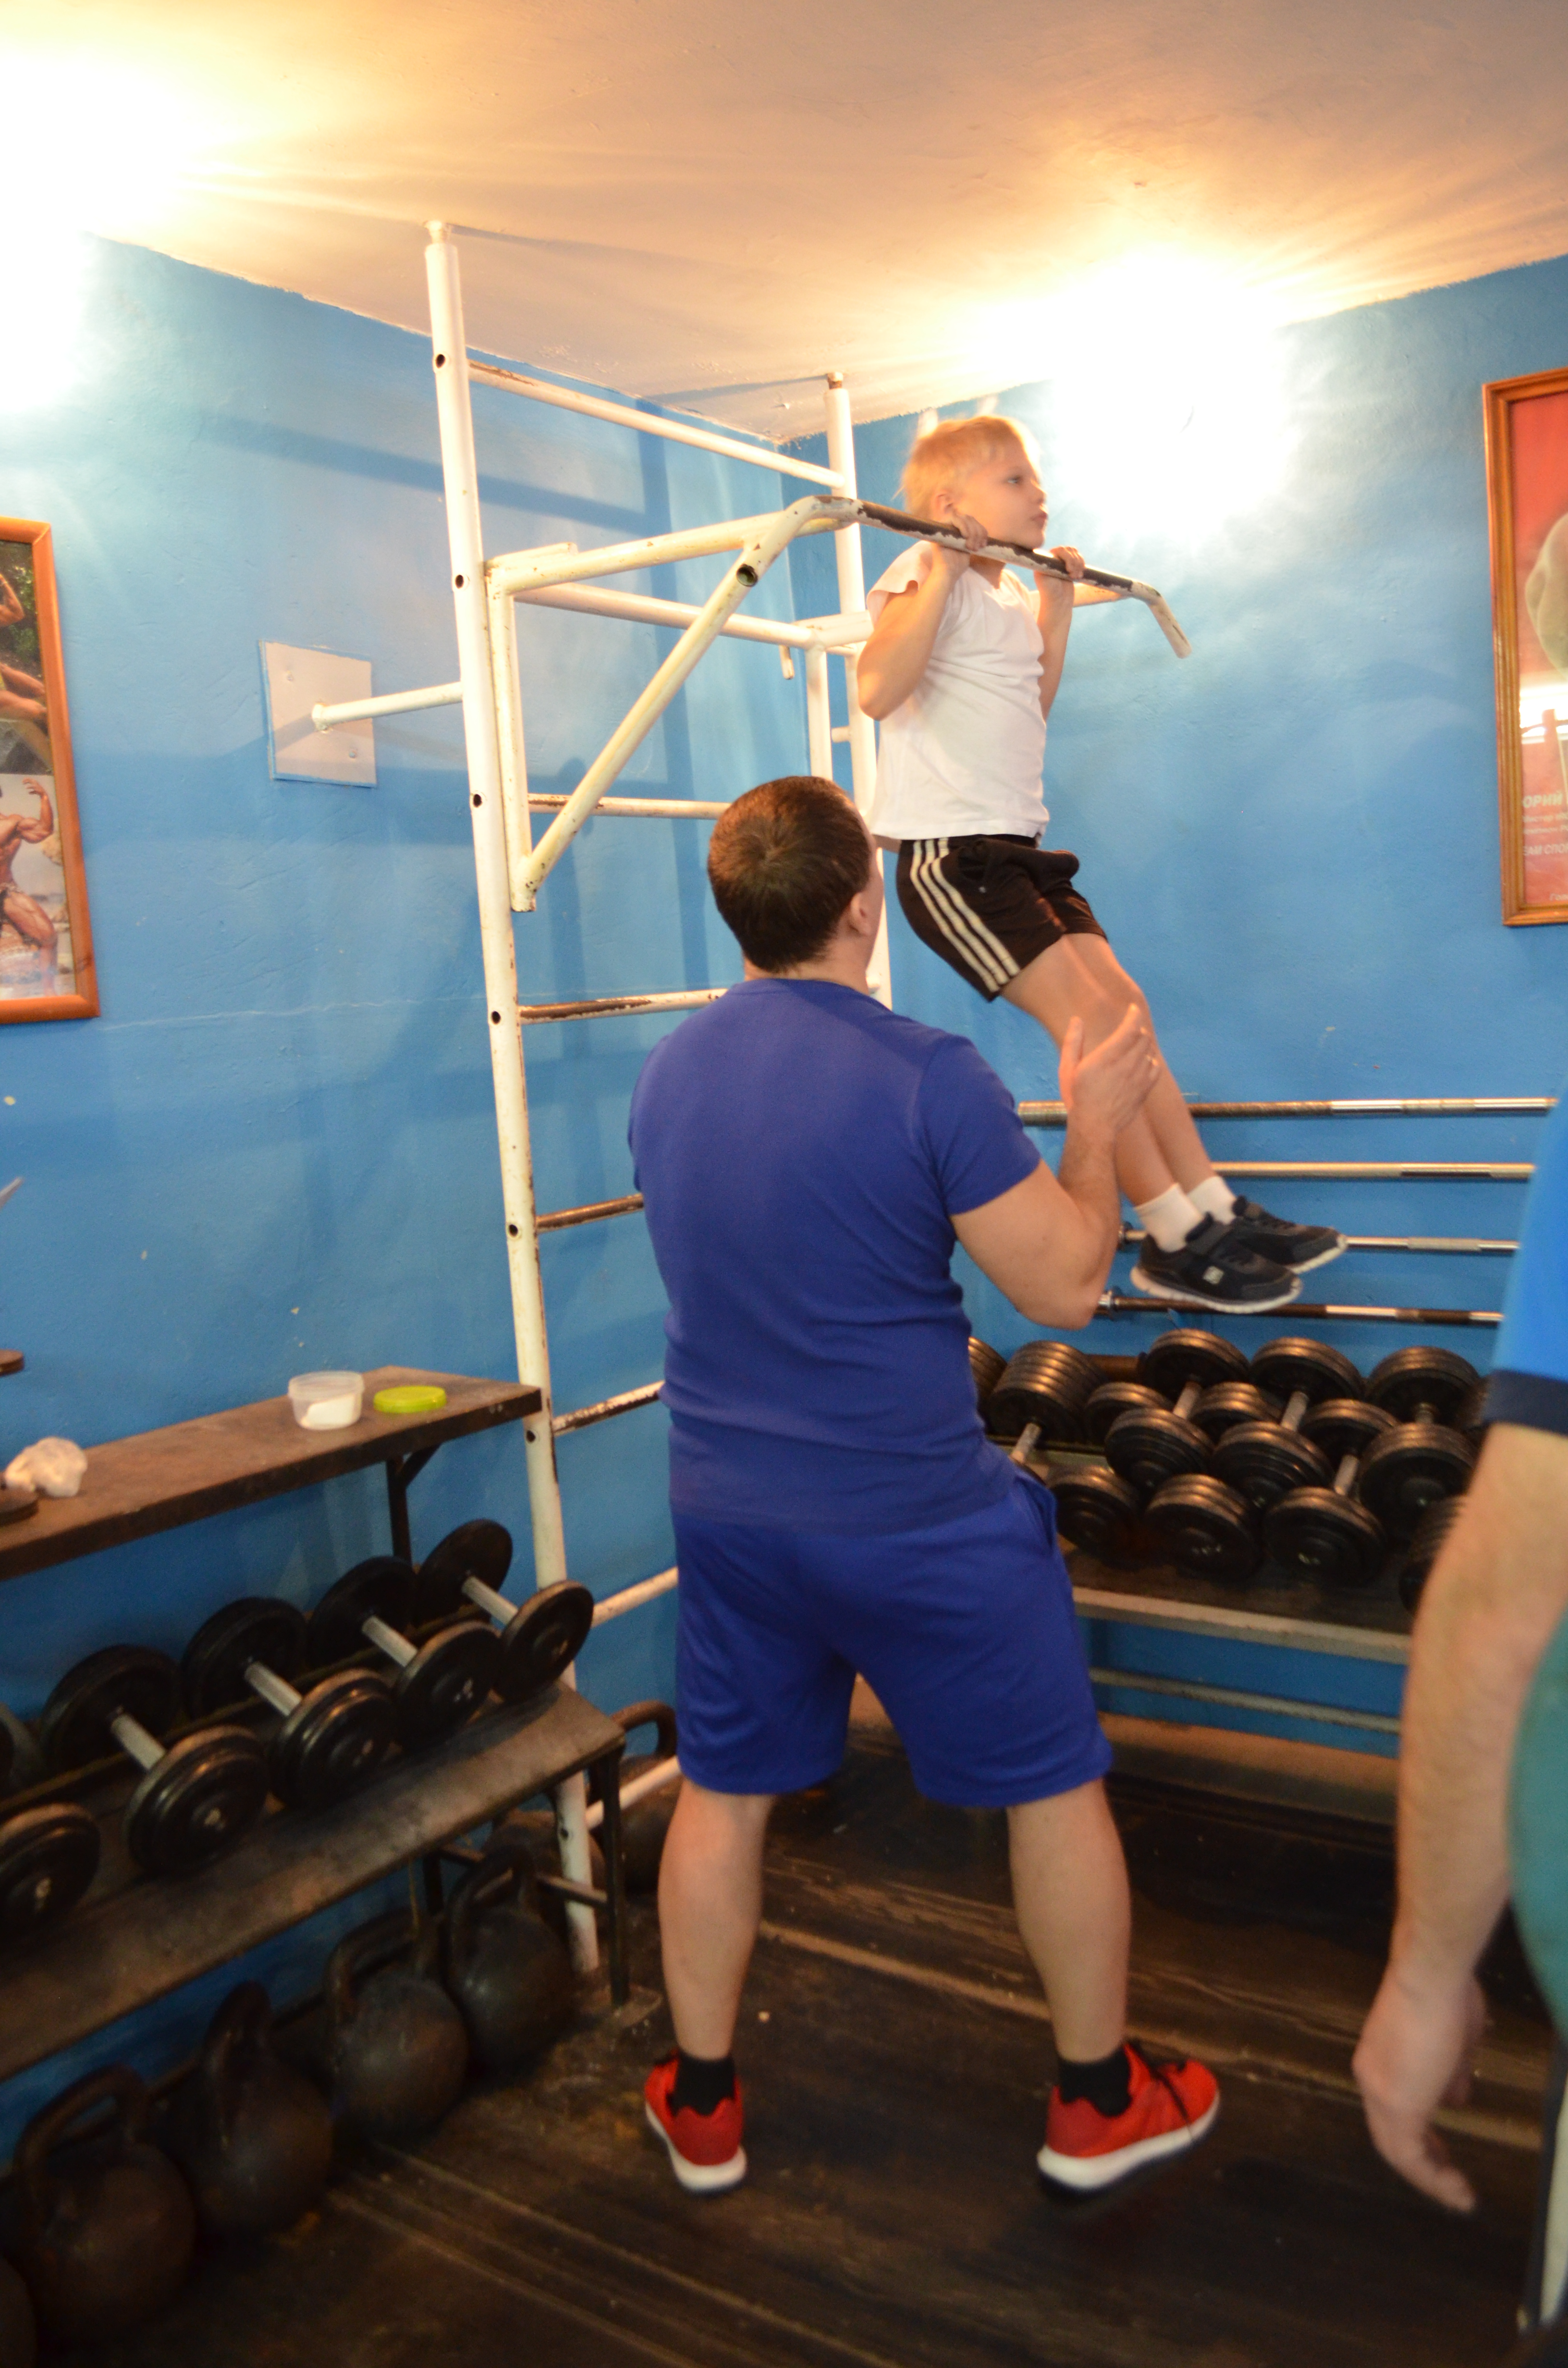 Районные лично-командные соревнования по силовому двоеборью среди учащихся общеобразовательных учреждений Заводского района